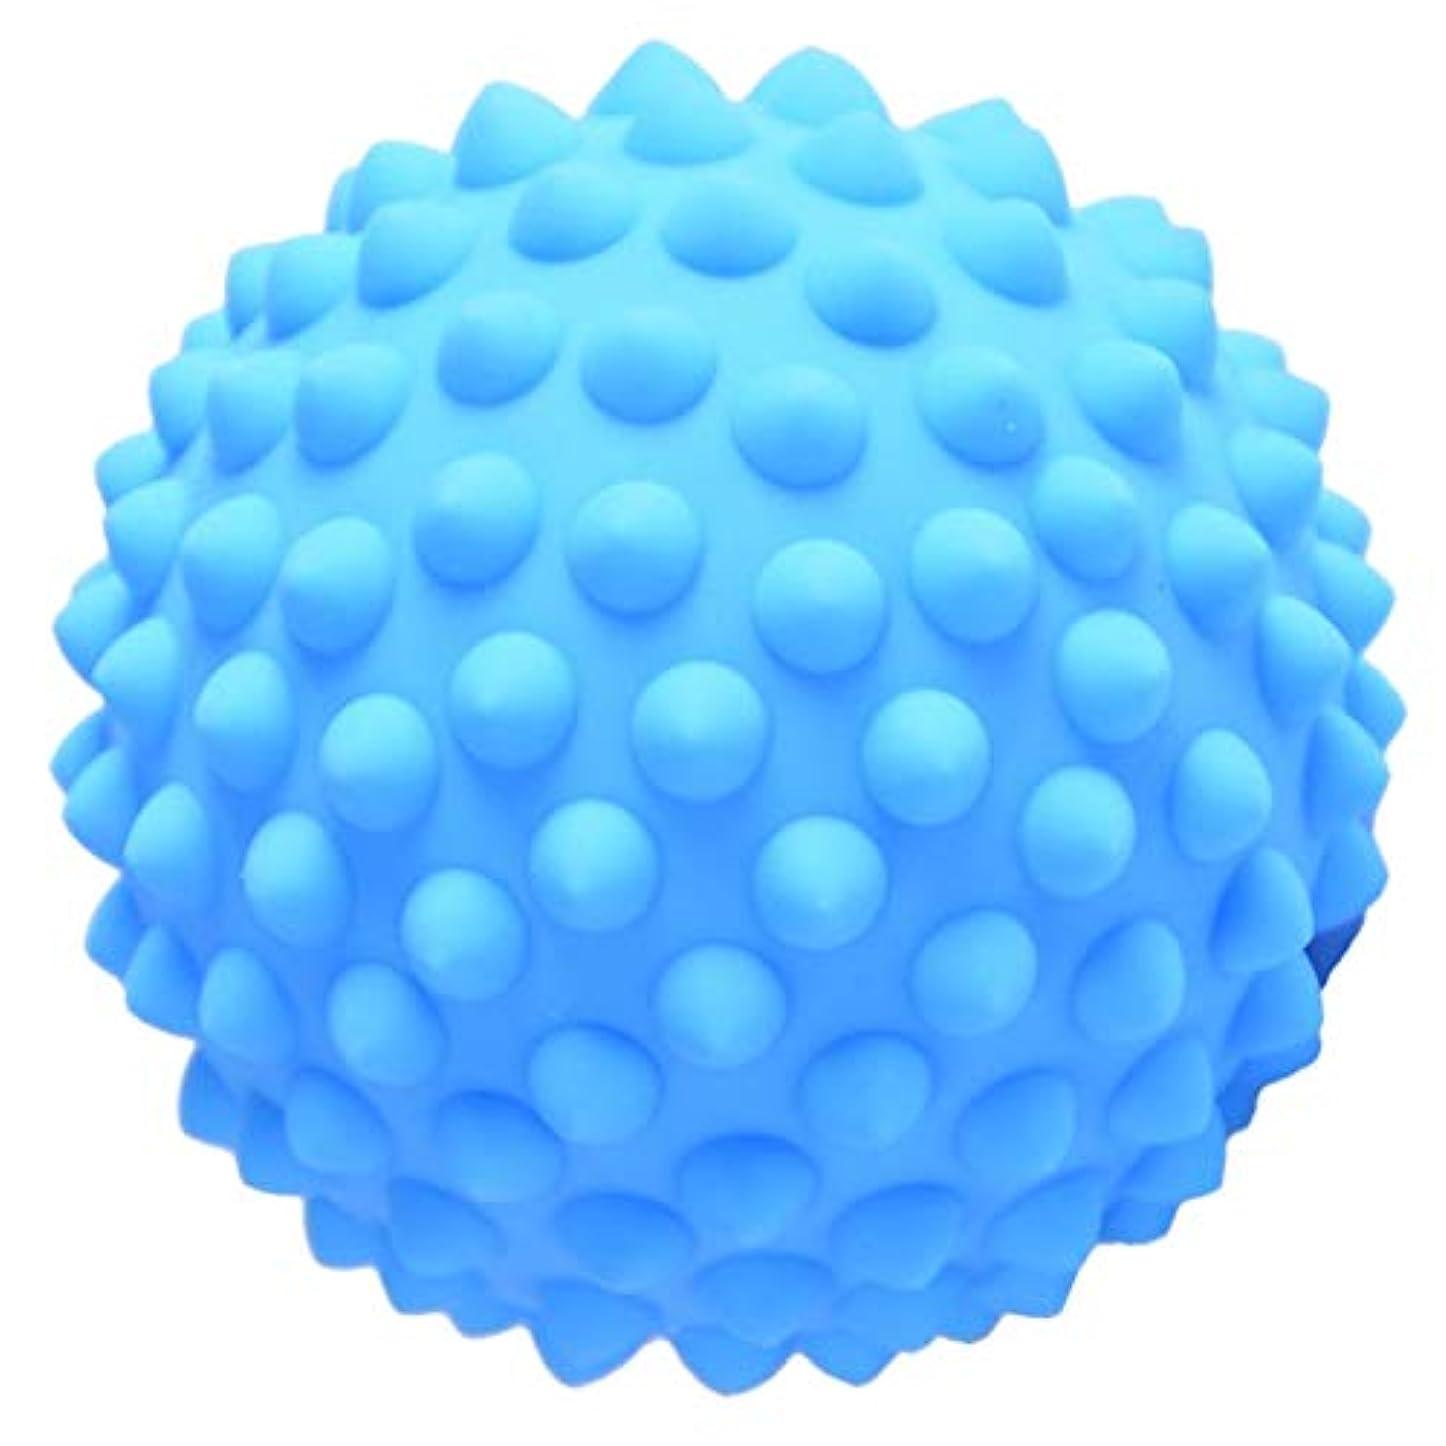 下手断線前提Perfeclan ハードマッサージ マッサージボール ハード トリガーマッサージ ポインマッサージ 3色選べ - 青, 説明のとおり